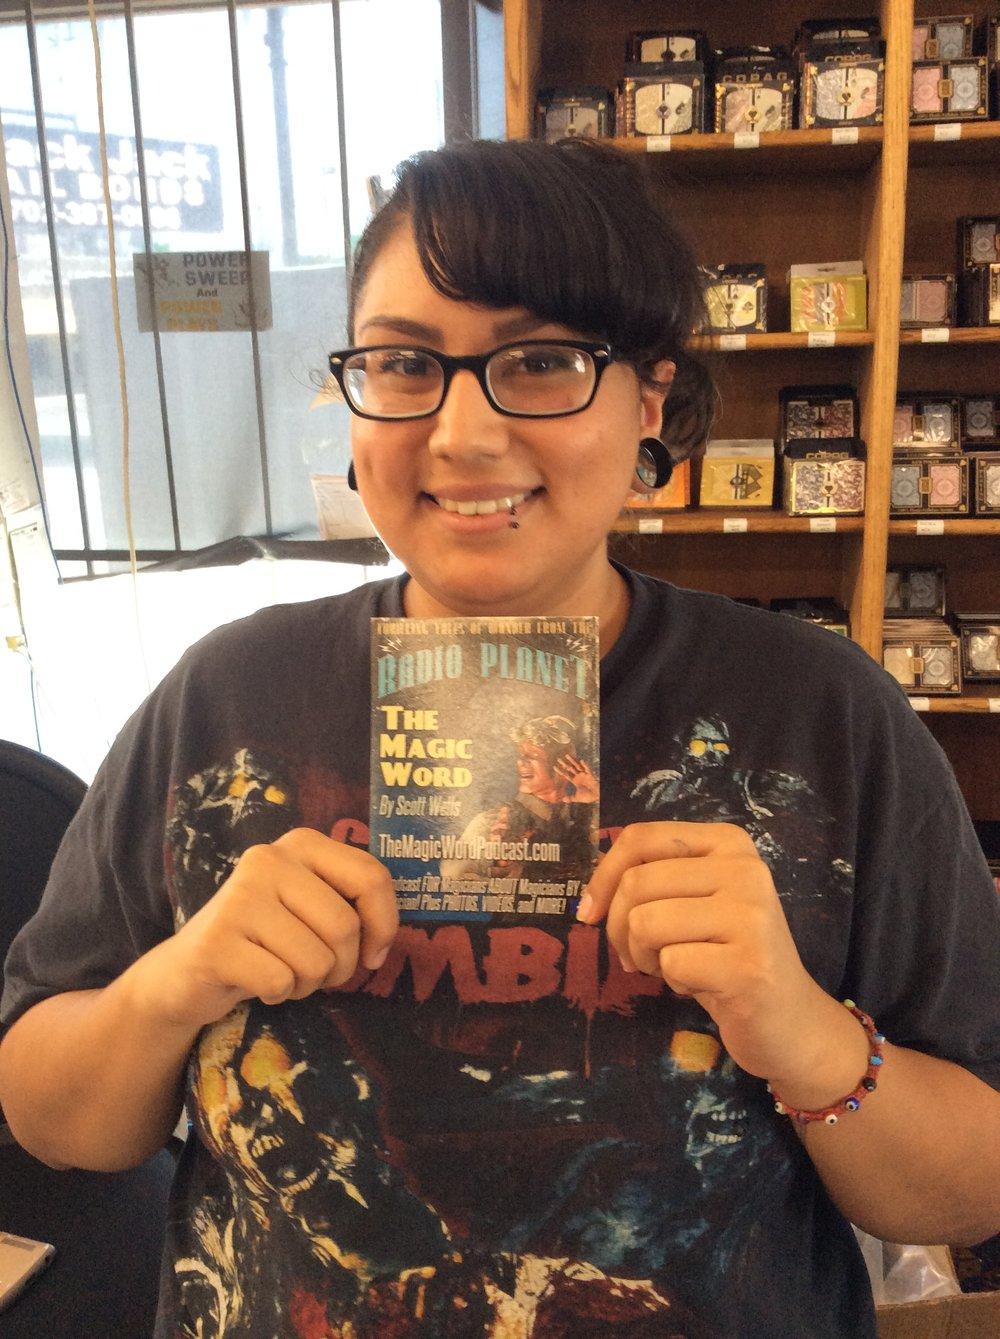 Jessica at Gambler's General Store